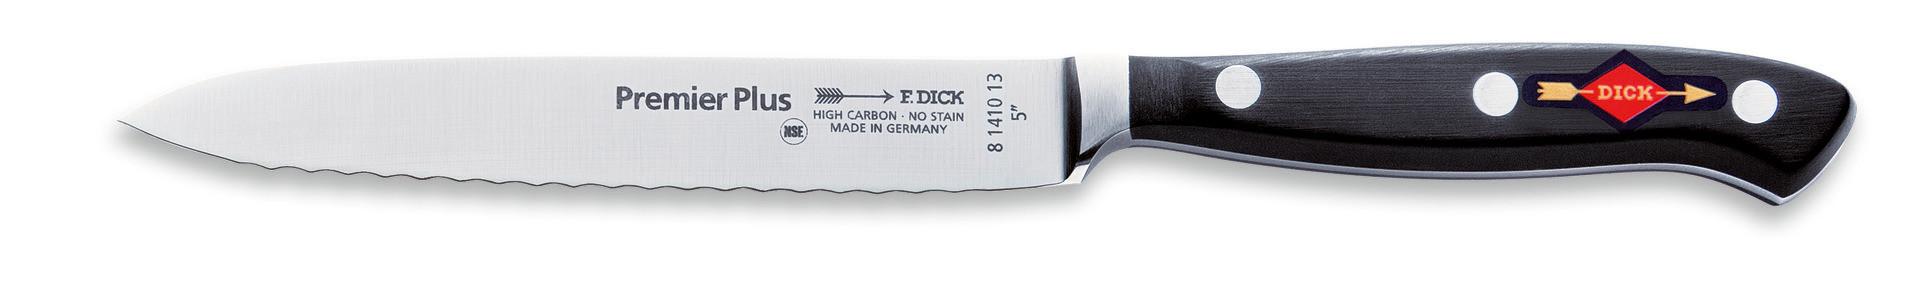 Premier Plus, Allzweckmesser Klingenlänge 130 mm Wellenschliff geschmiedet